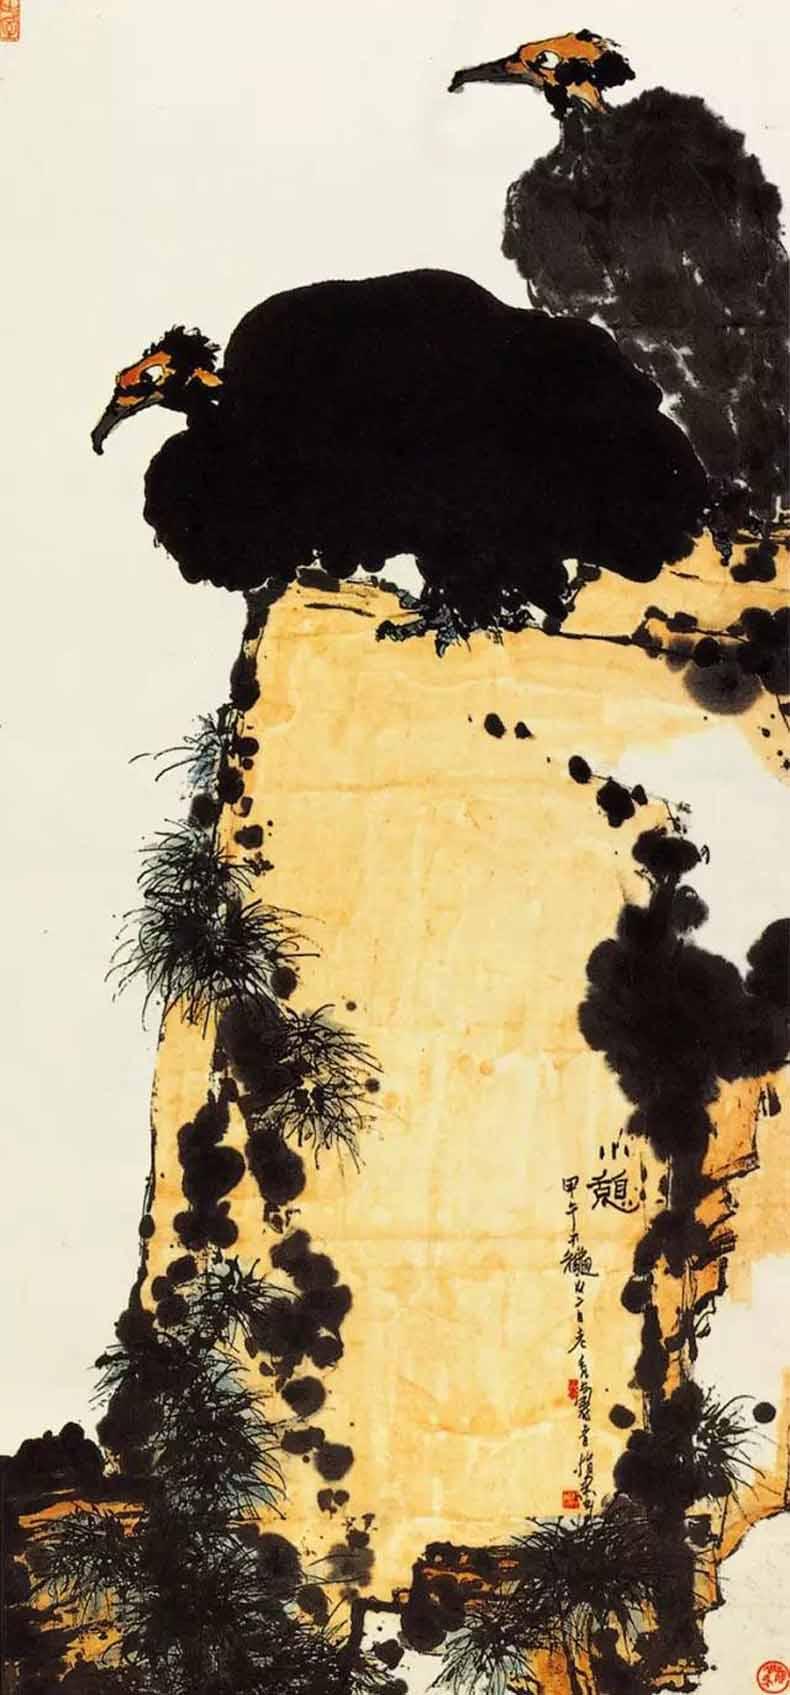 潘天寿 鹫鹰磐石图 潘天寿纪念馆藏(指画)